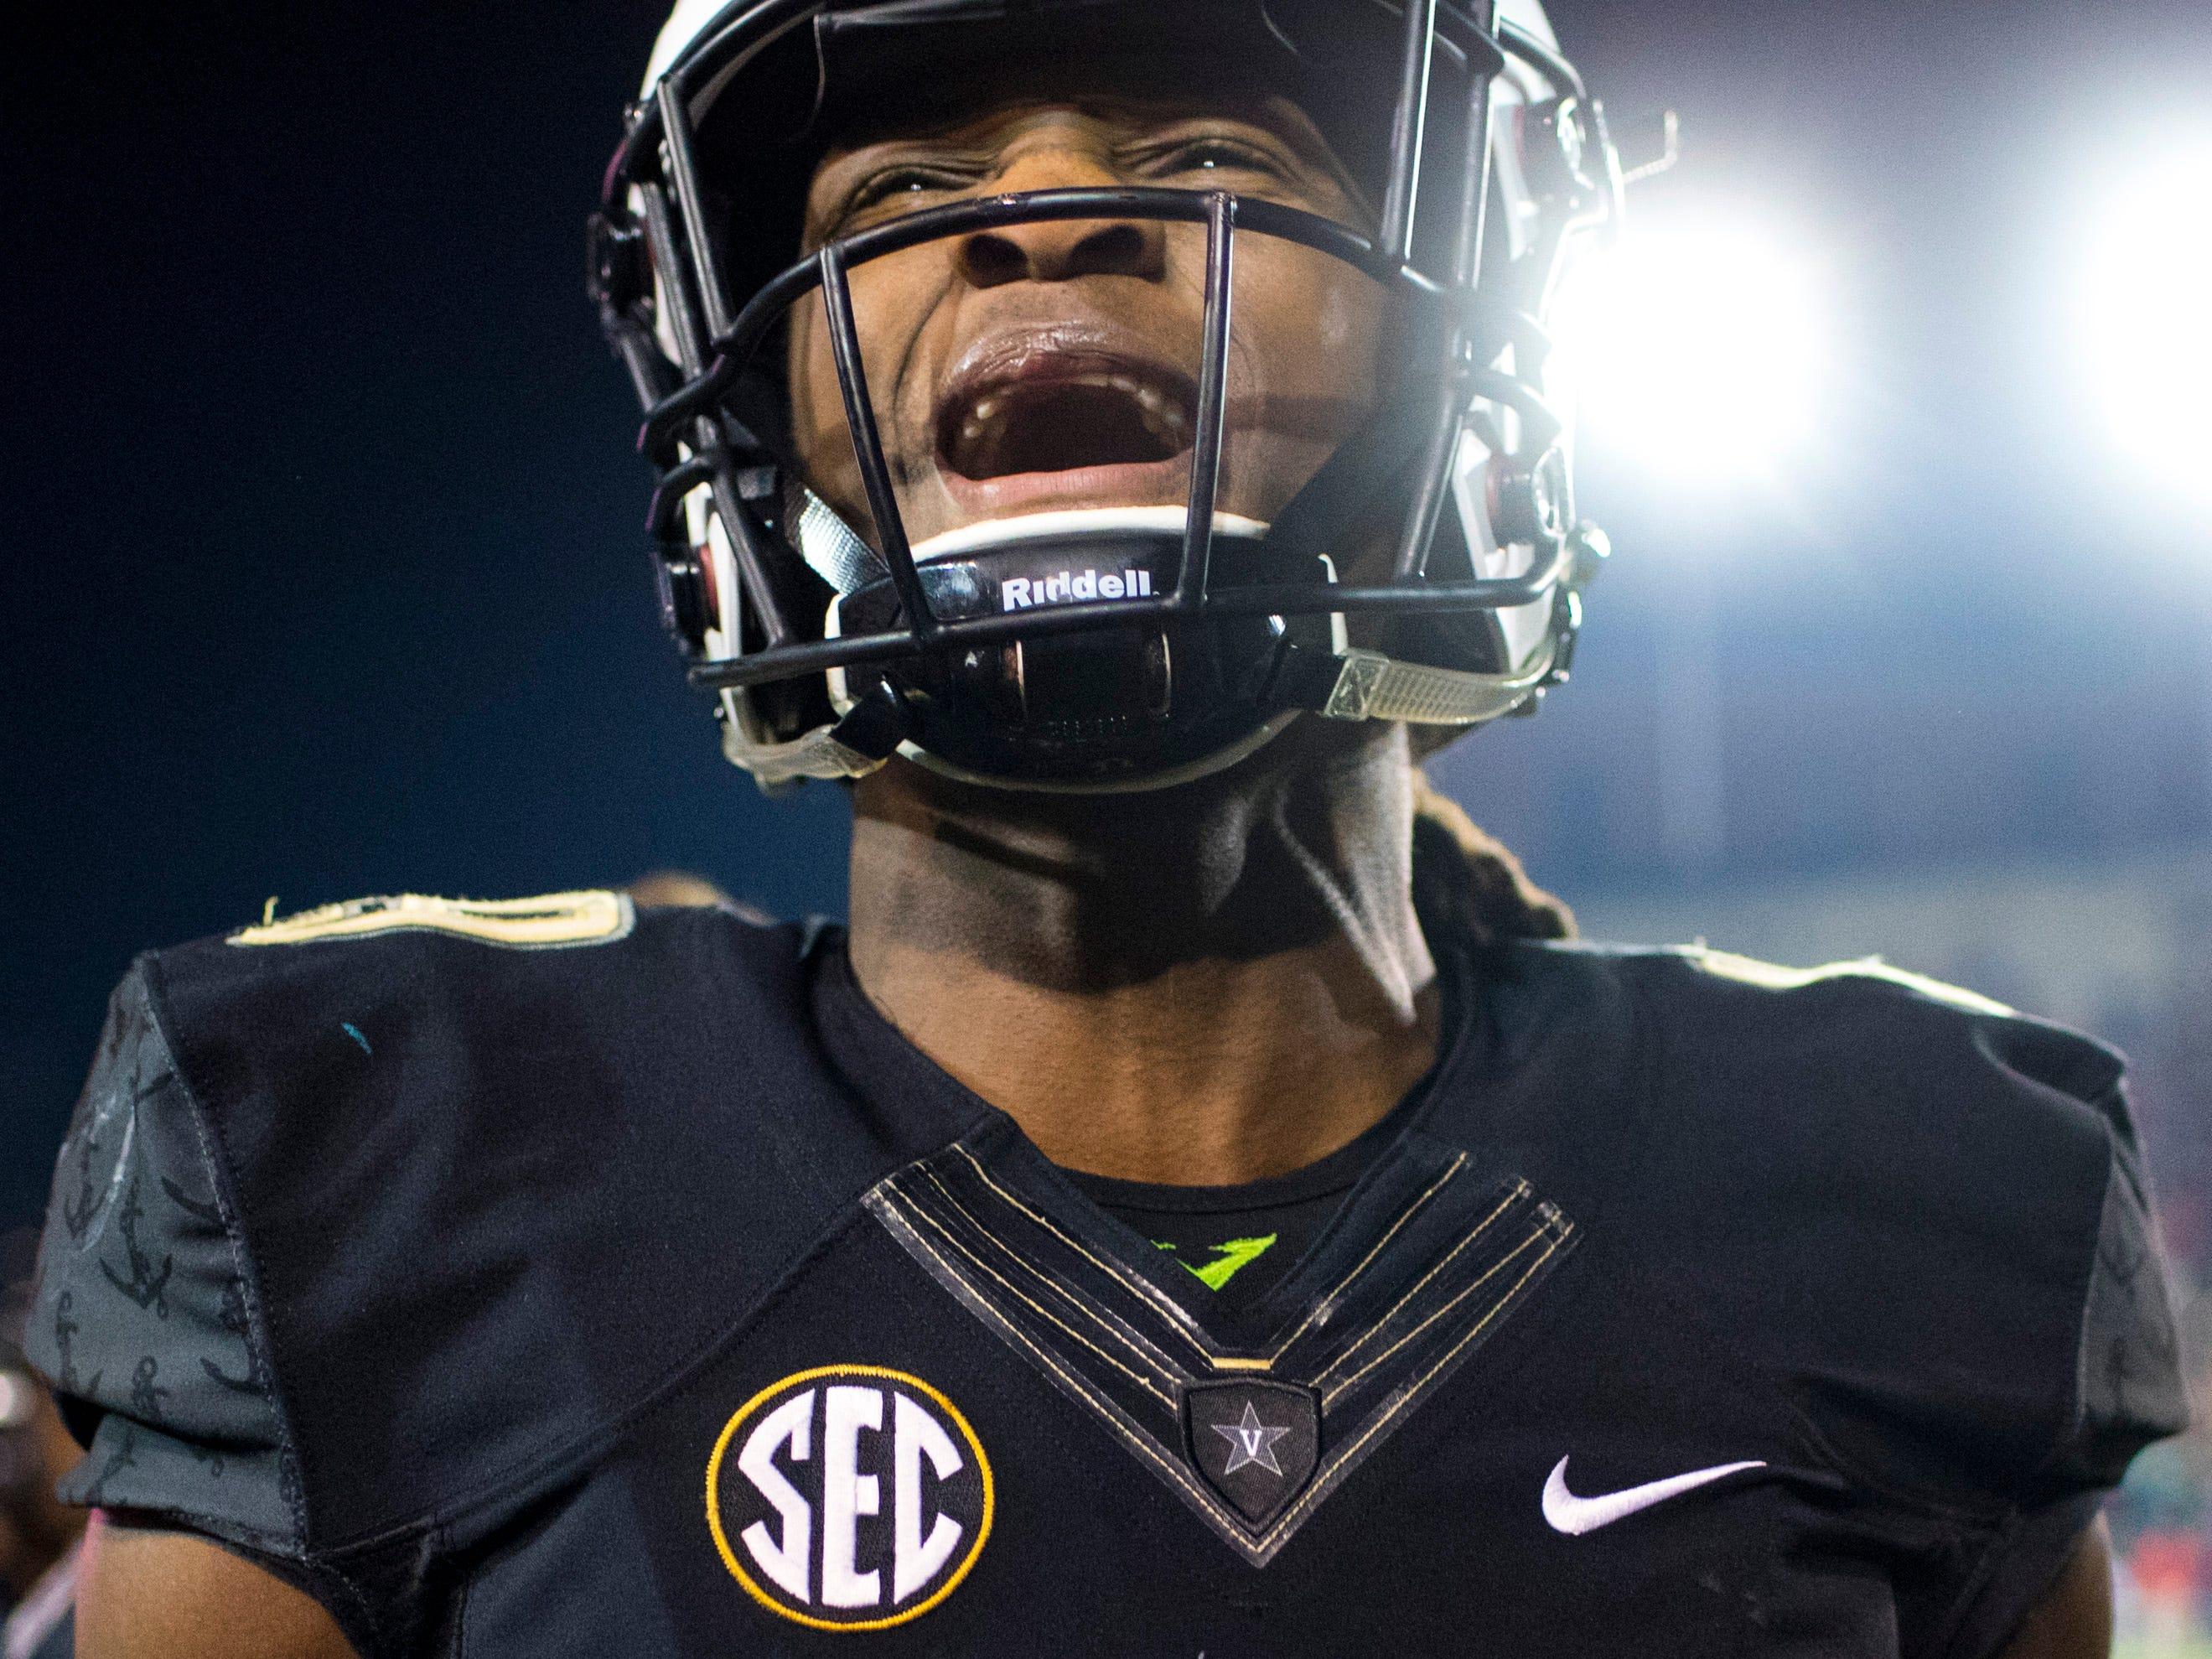 Vanderbilt wide receiver Chris Pierce (19) during Vanderbilt's game against Ole Miss at Vanderbilt Stadium in Nashville on Saturday, Nov. 17, 2018.